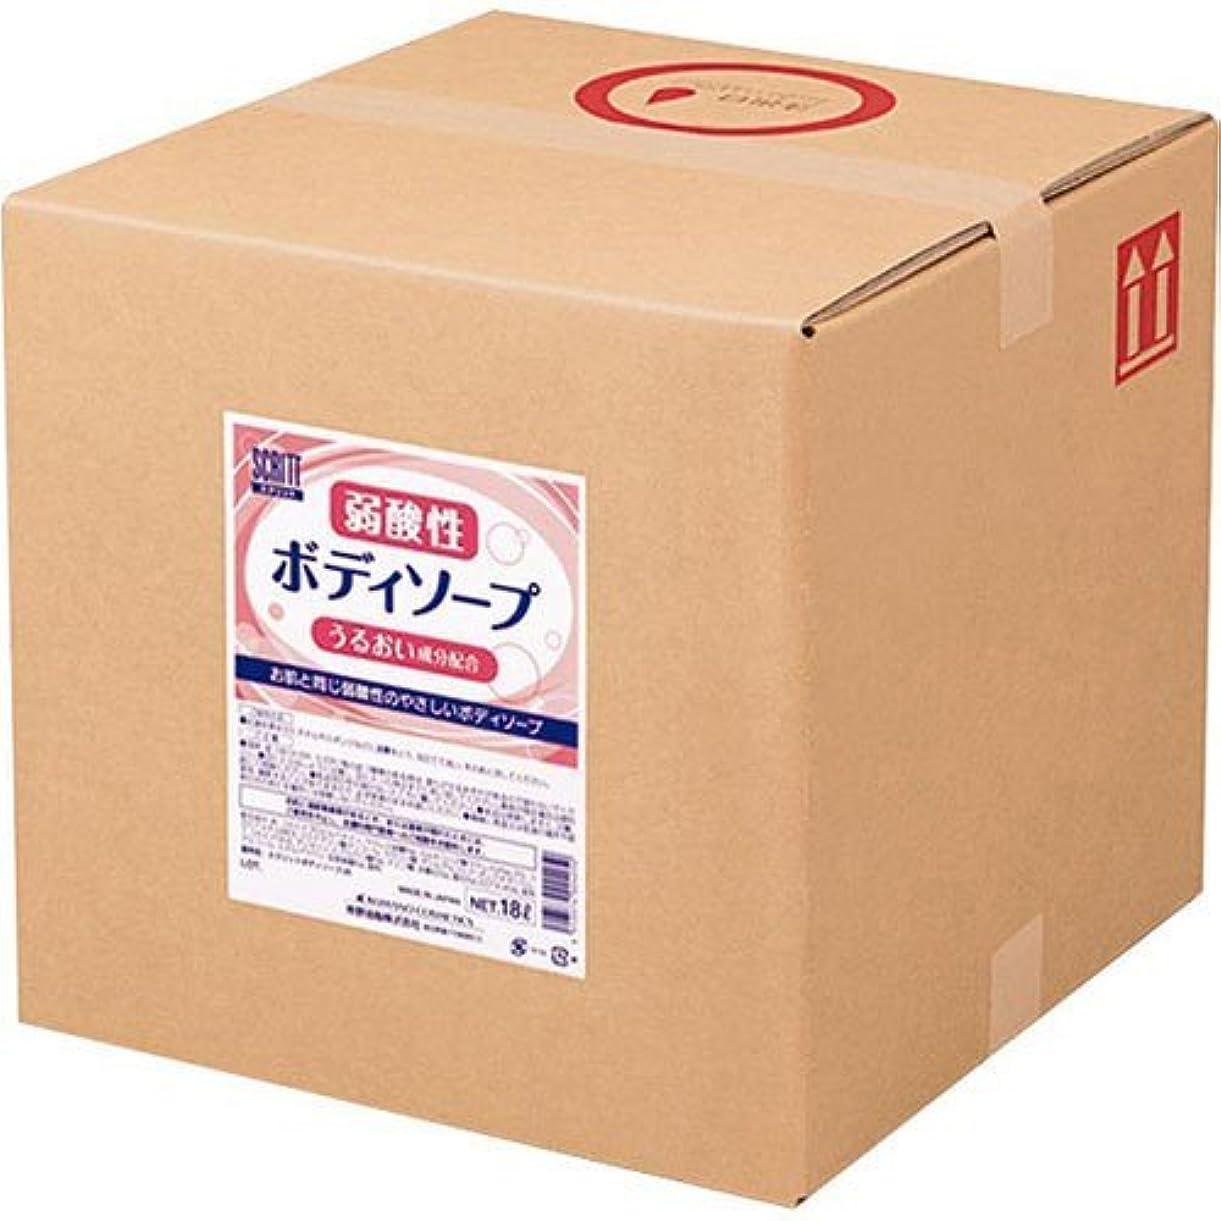 コーナーラウズ米国熊野油脂 業務用 SCRITT(スクリット) 弱酸性ボディソープ 18L